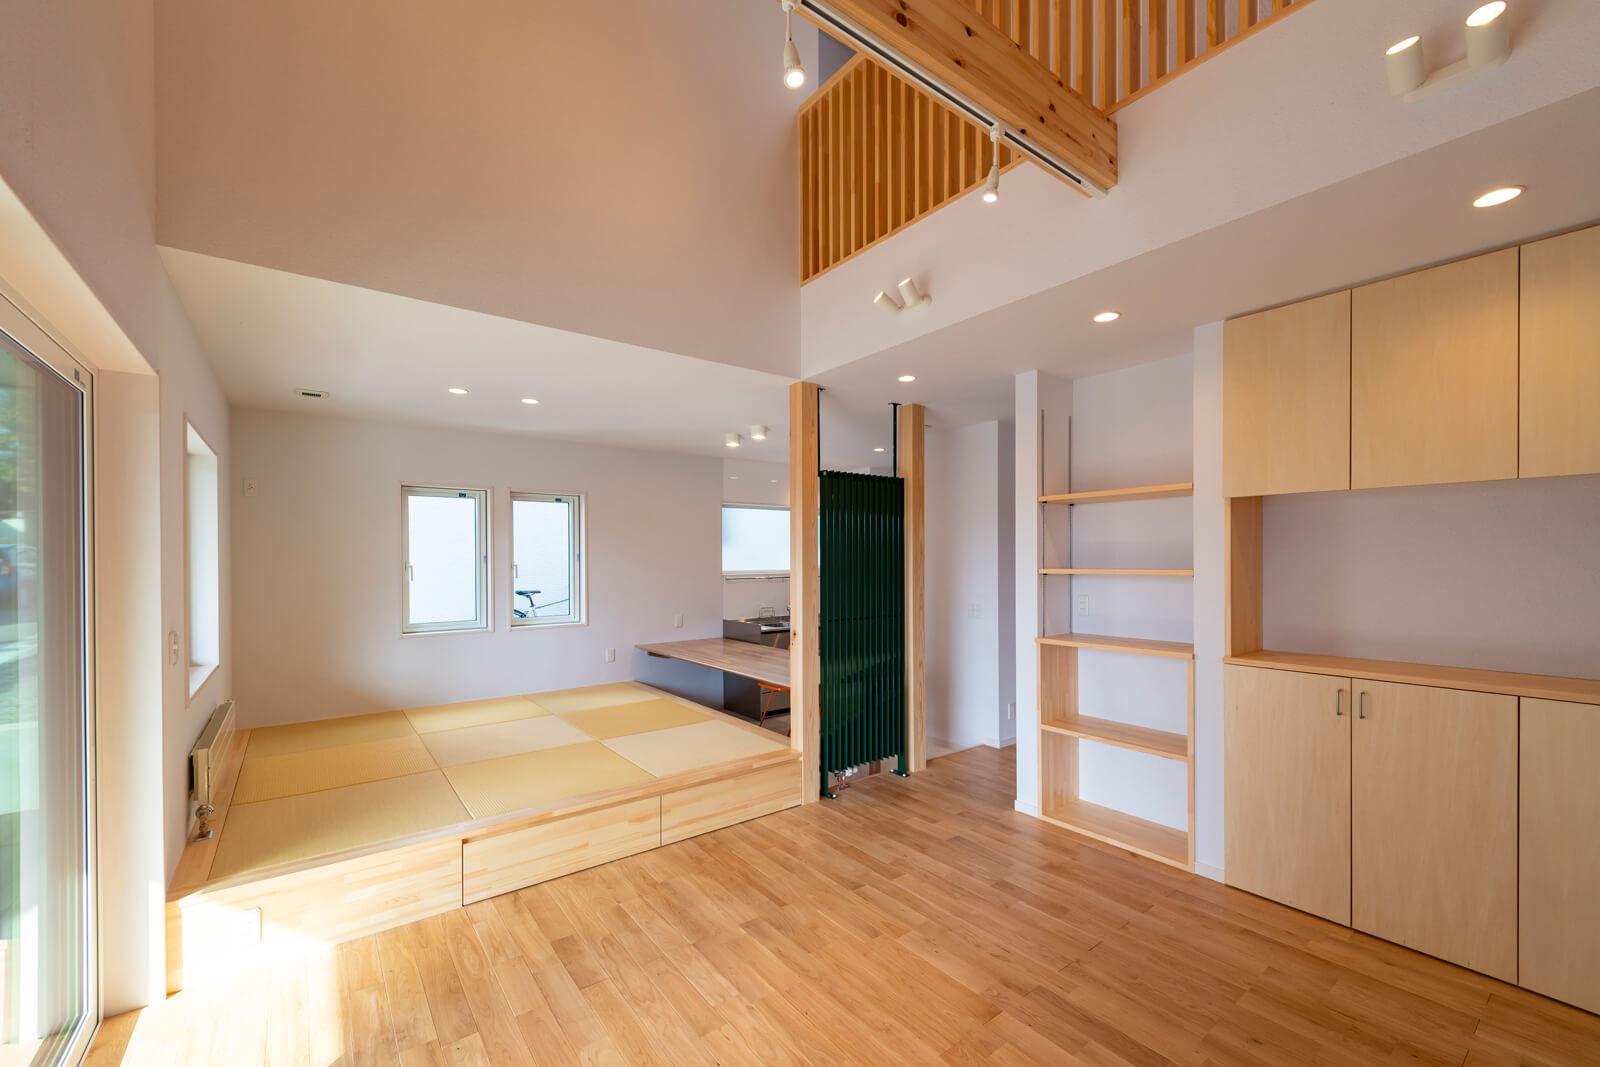 パイン材とルナファーザーなどの素材感が際立つYさん宅のLDK。造作棚を設置するなど収納部分が多いのも特徴。小上がりとリビングの段差30㎝を生かして床下収納を設置した